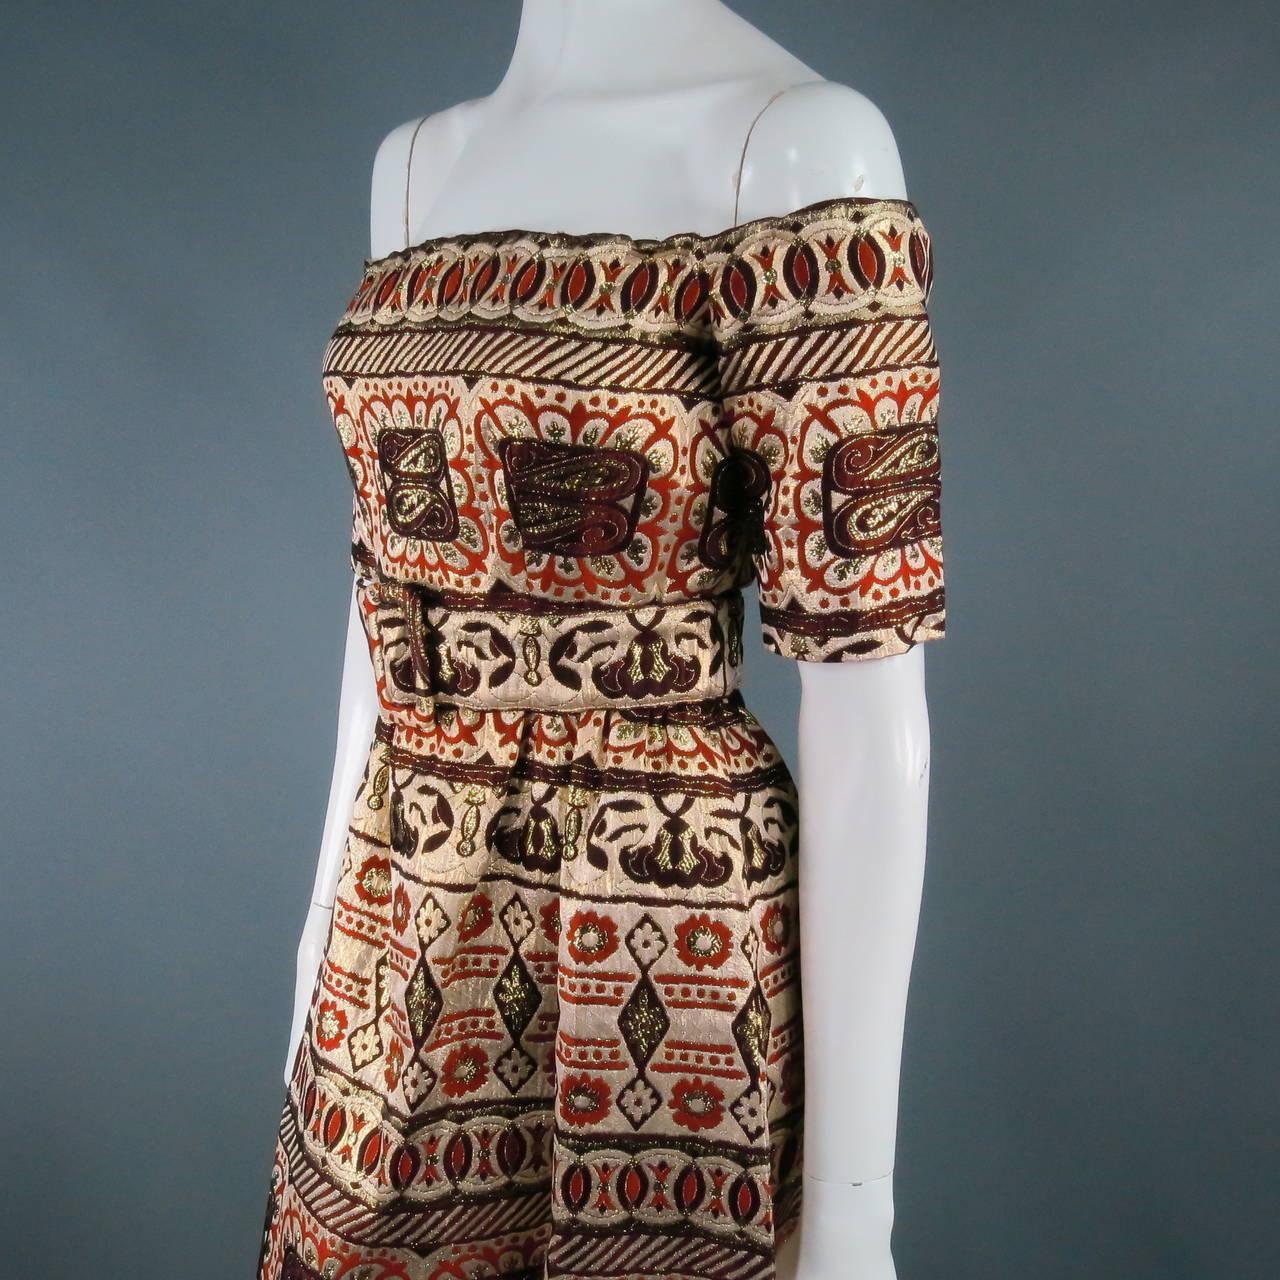 Vintage OSCAR DE LA RENTA Size 2 Gold Brocade Evening Gown 2